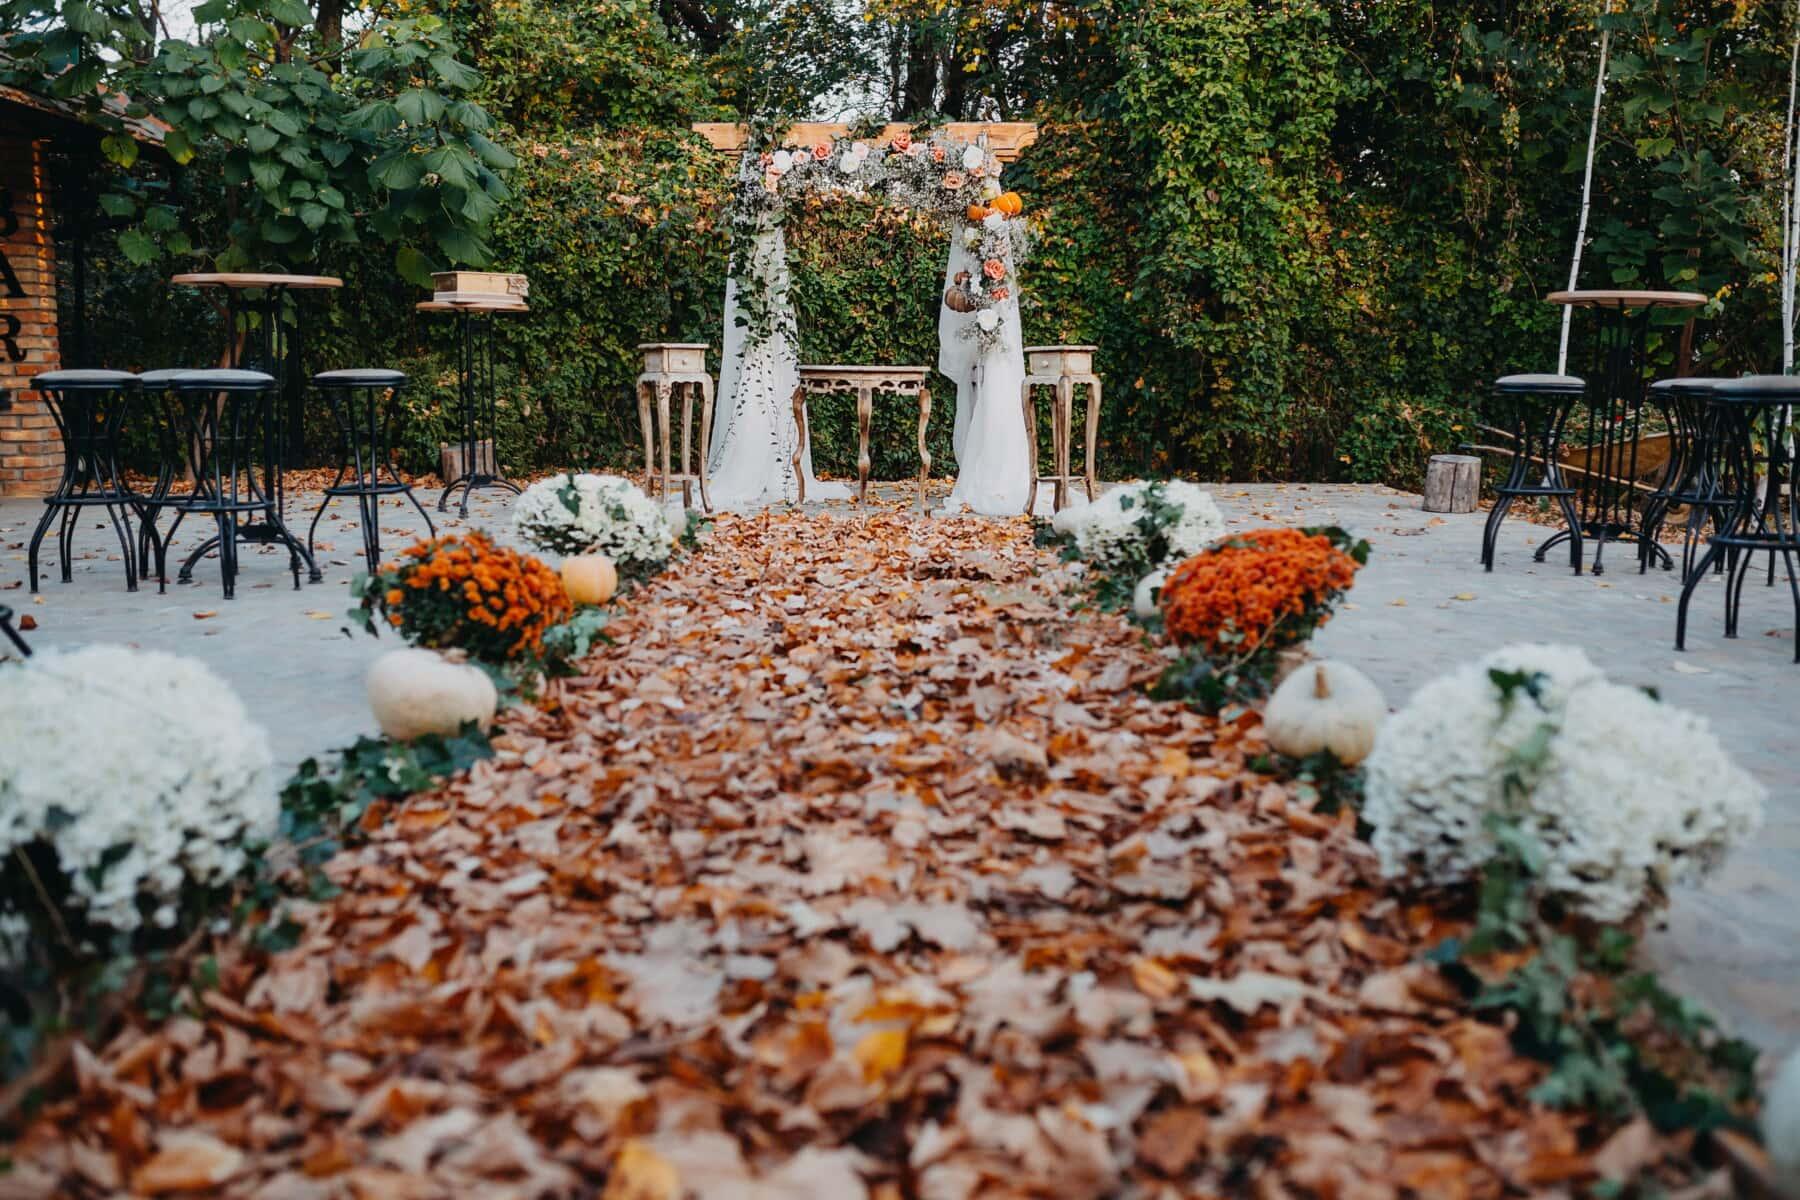 Hochzeitsort, Dekoration, Gehweg, gelbe Blätter, Herbst, Herbstsaison, Braun, Garten, Blatt, Blume